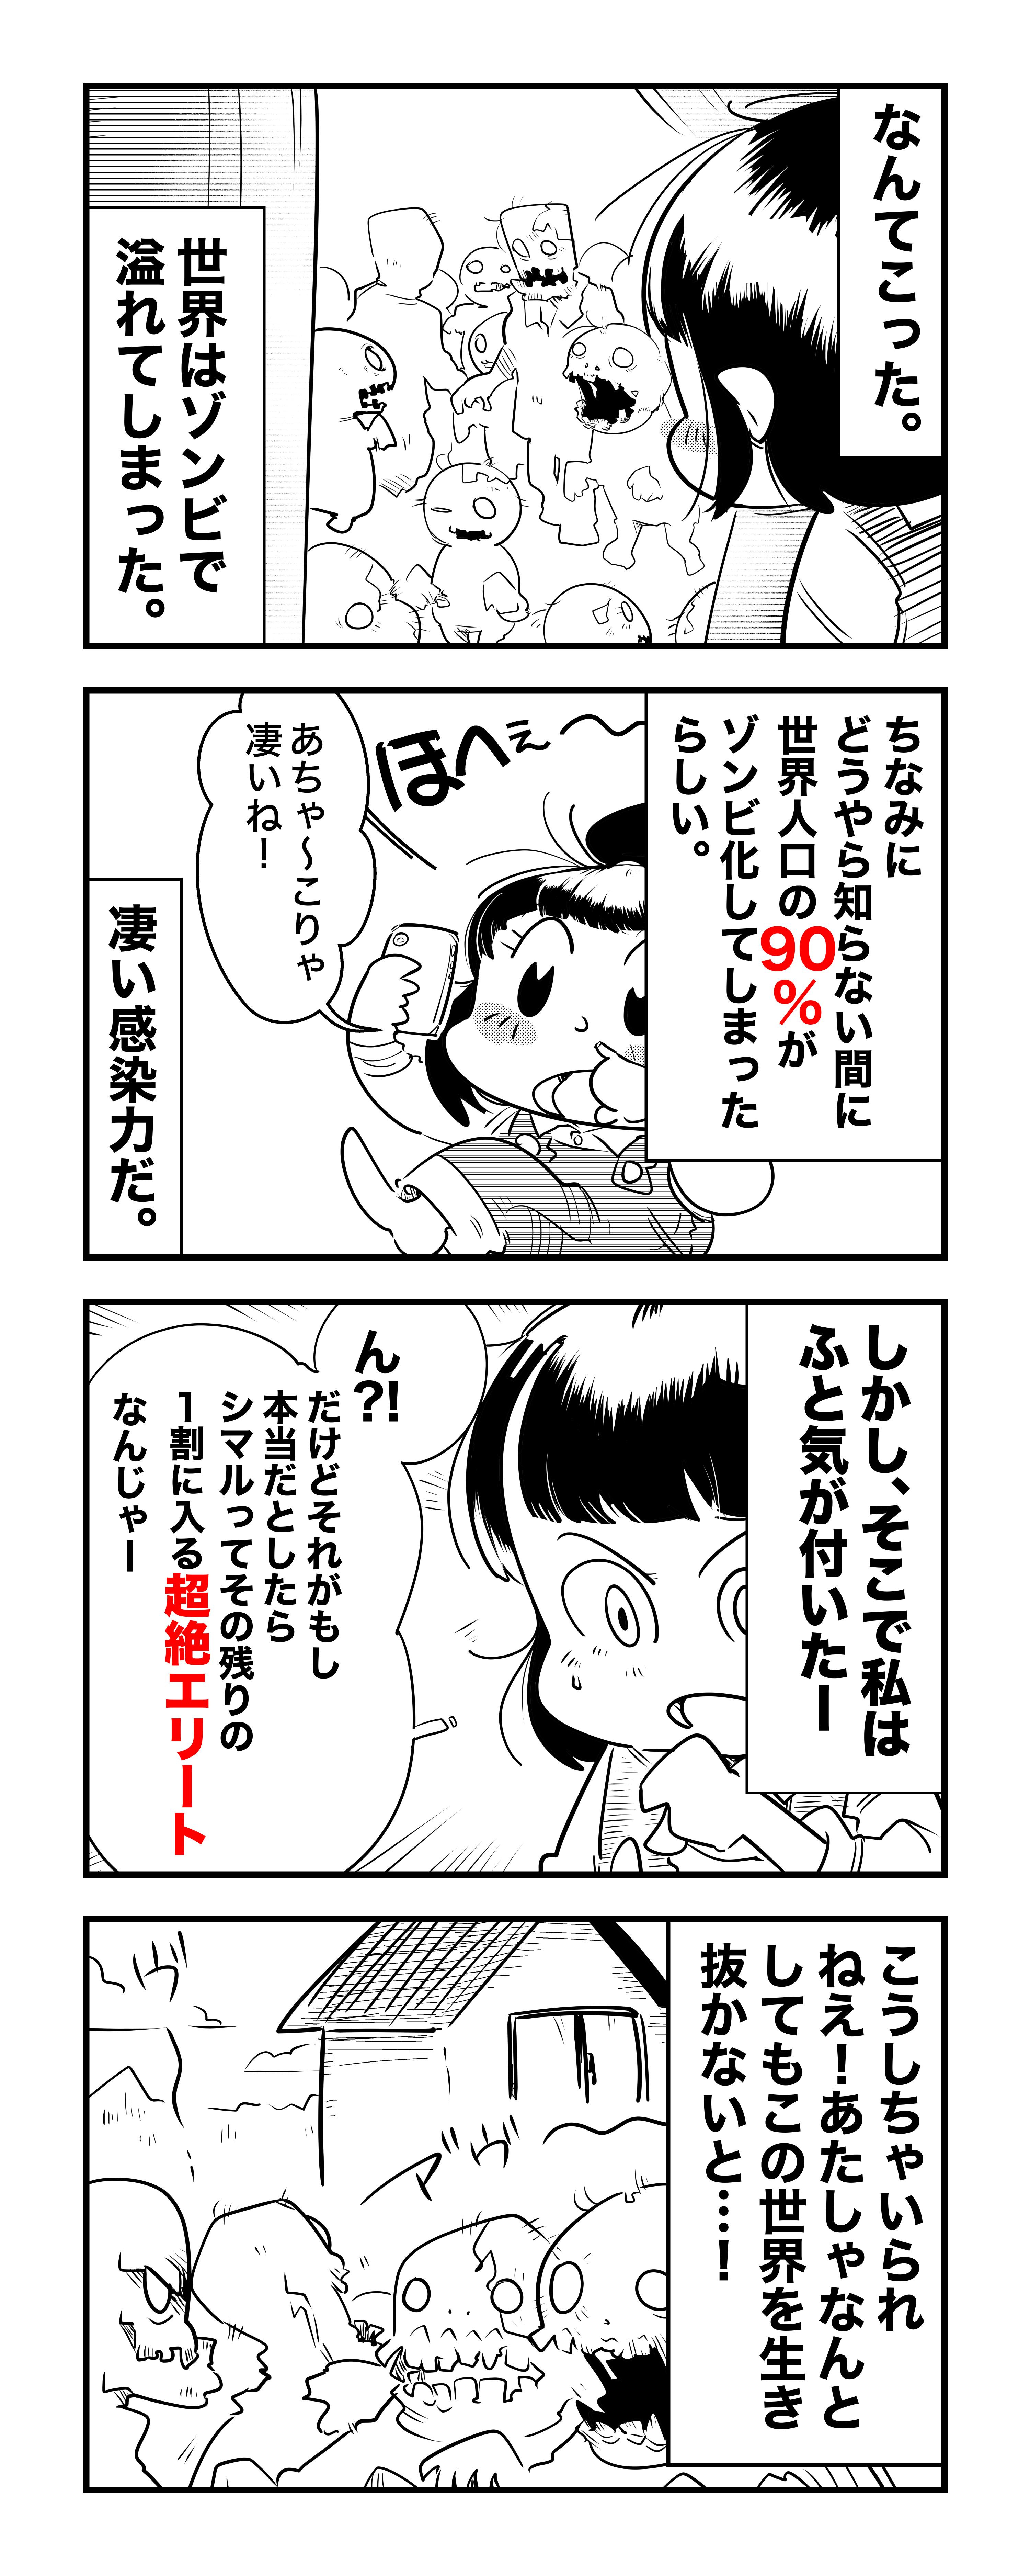 f:id:terashimaru117:20210404210919j:plain